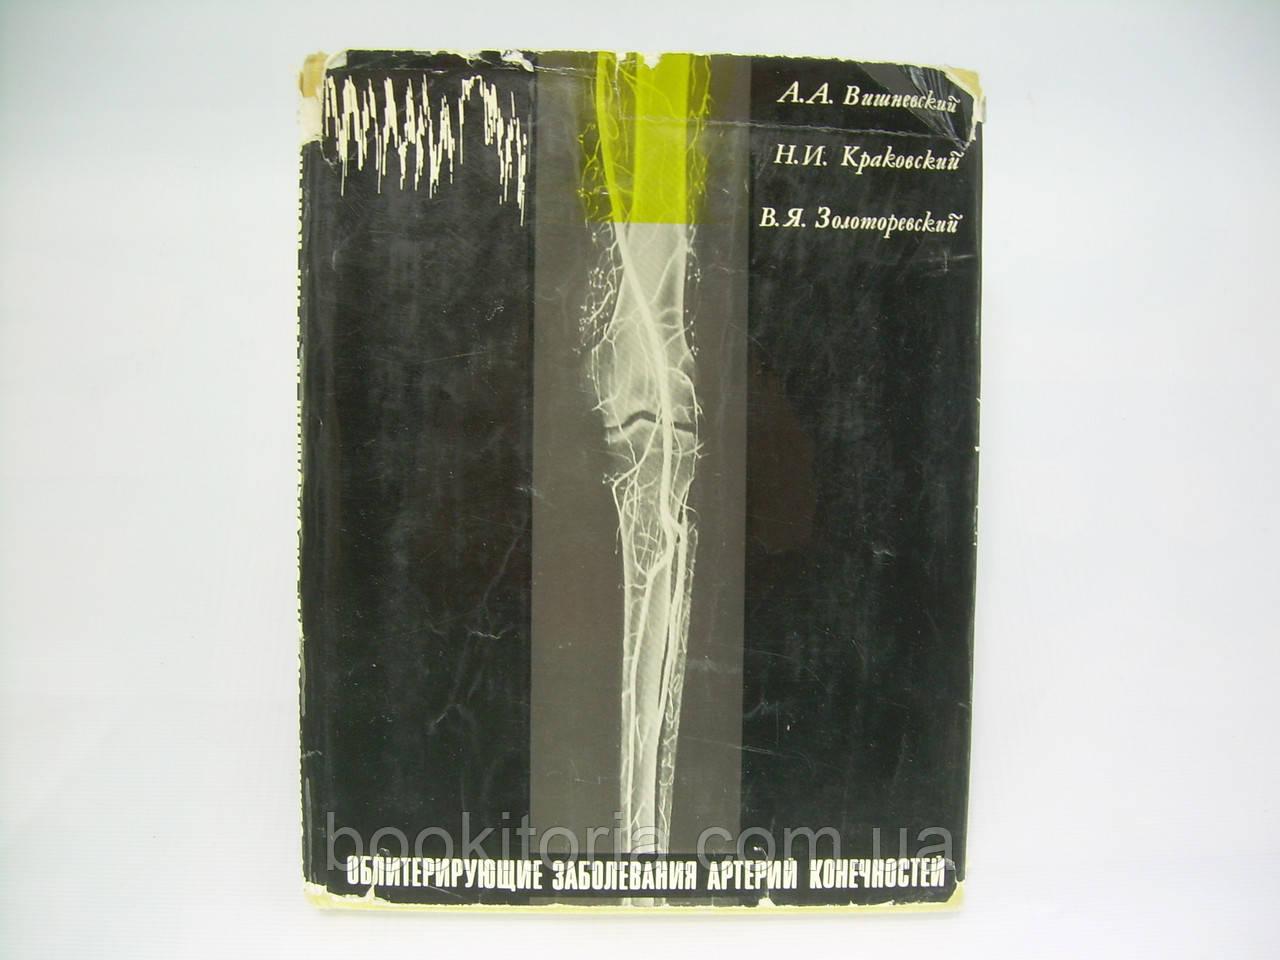 Вишневский А.А. и др. Облитерирующие заболевания артерий конечностей (б/у).